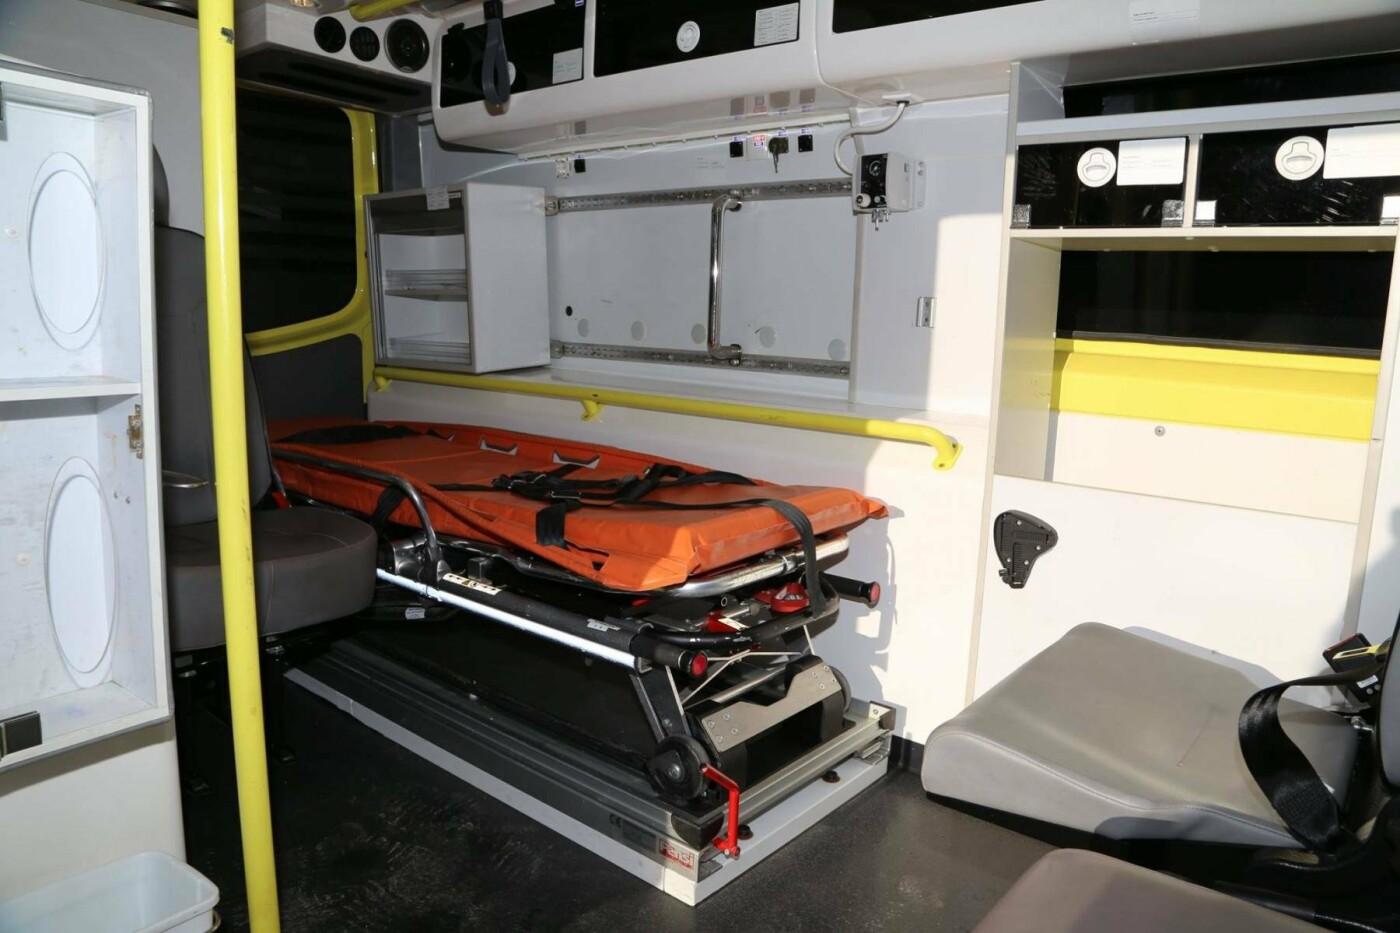 Сучасний реанімобіль відтепер обслуговуватиме маленьких пацієнтів Хмельницької міської дитячої лікарні, фото-3